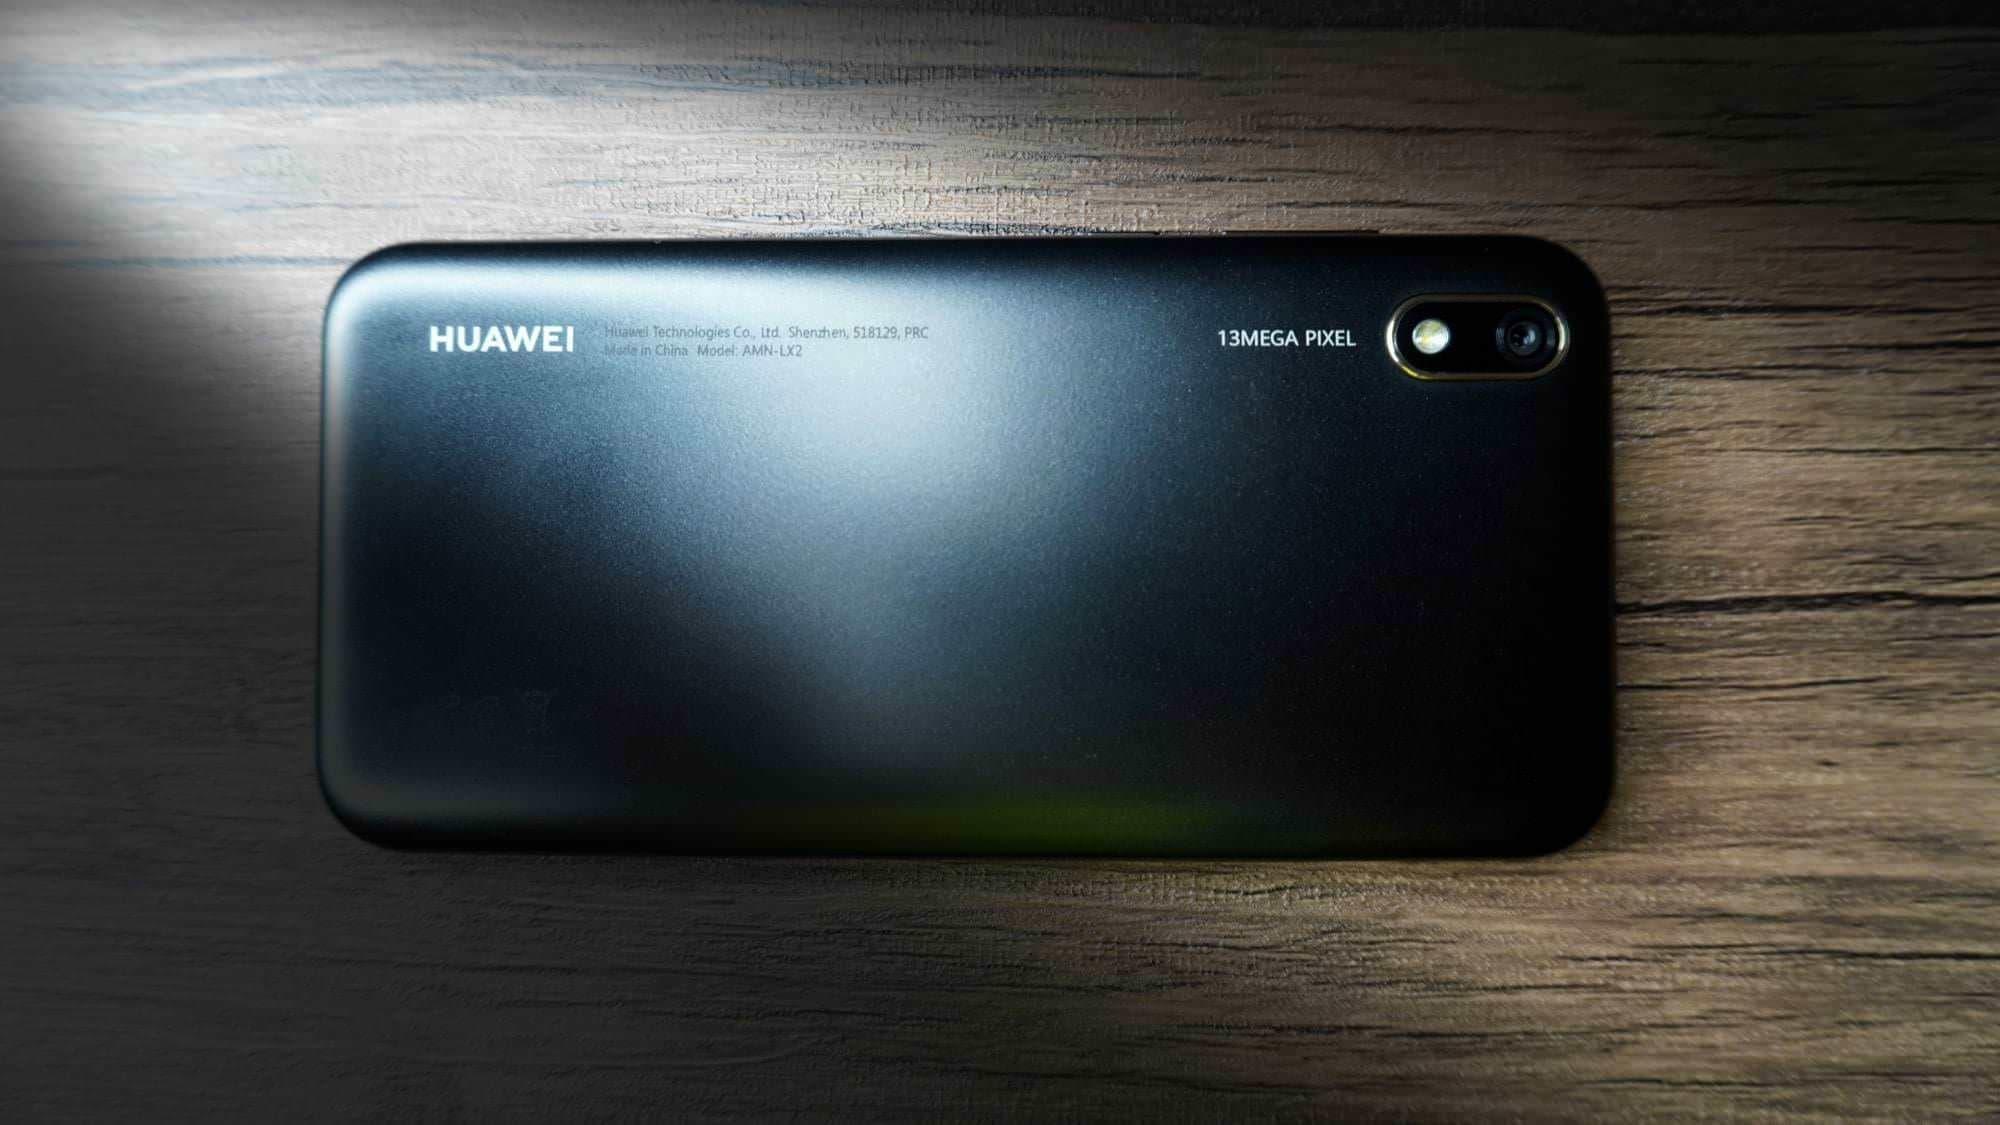 รีวิว HUAWEI Y5 2019 สมาร์ทโฟนราคาเบาๆ 3,799 บาท 3